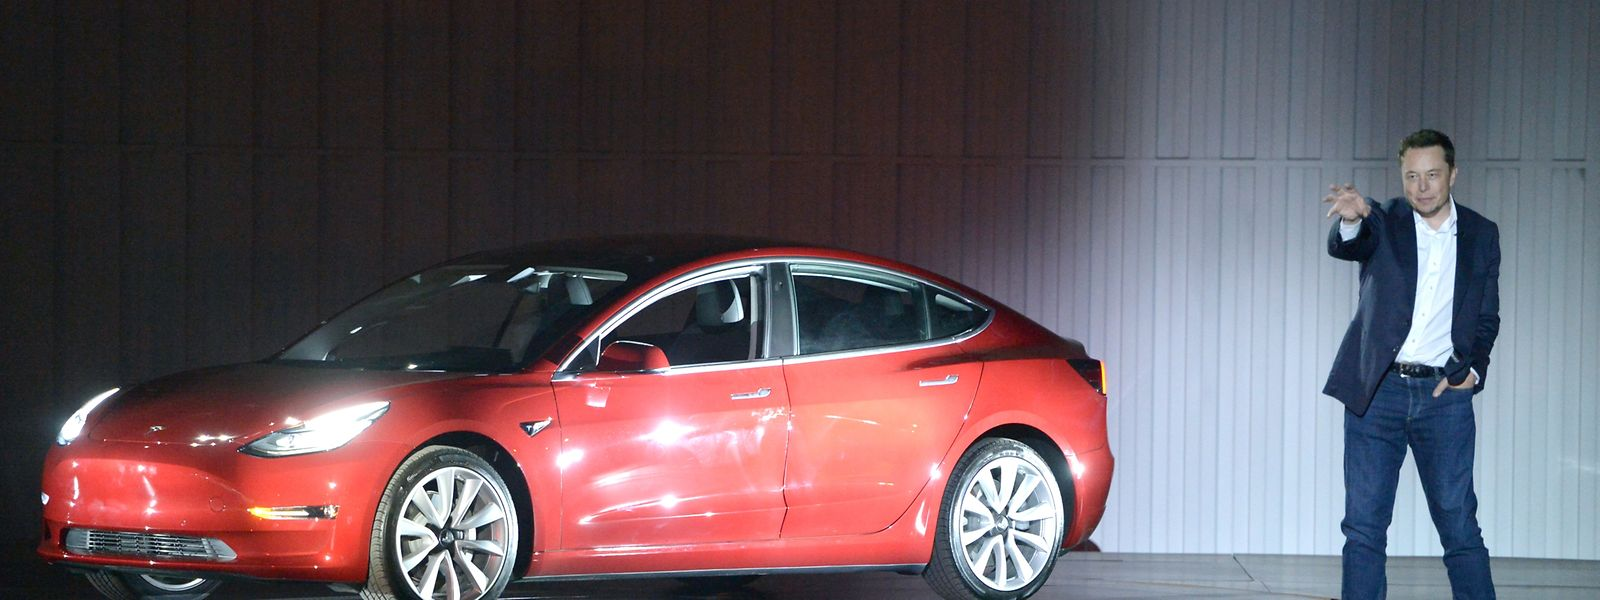 Tesla-Chef Elon Musk will sein Model 3 bald rund um die Uhr produzieren lassen.